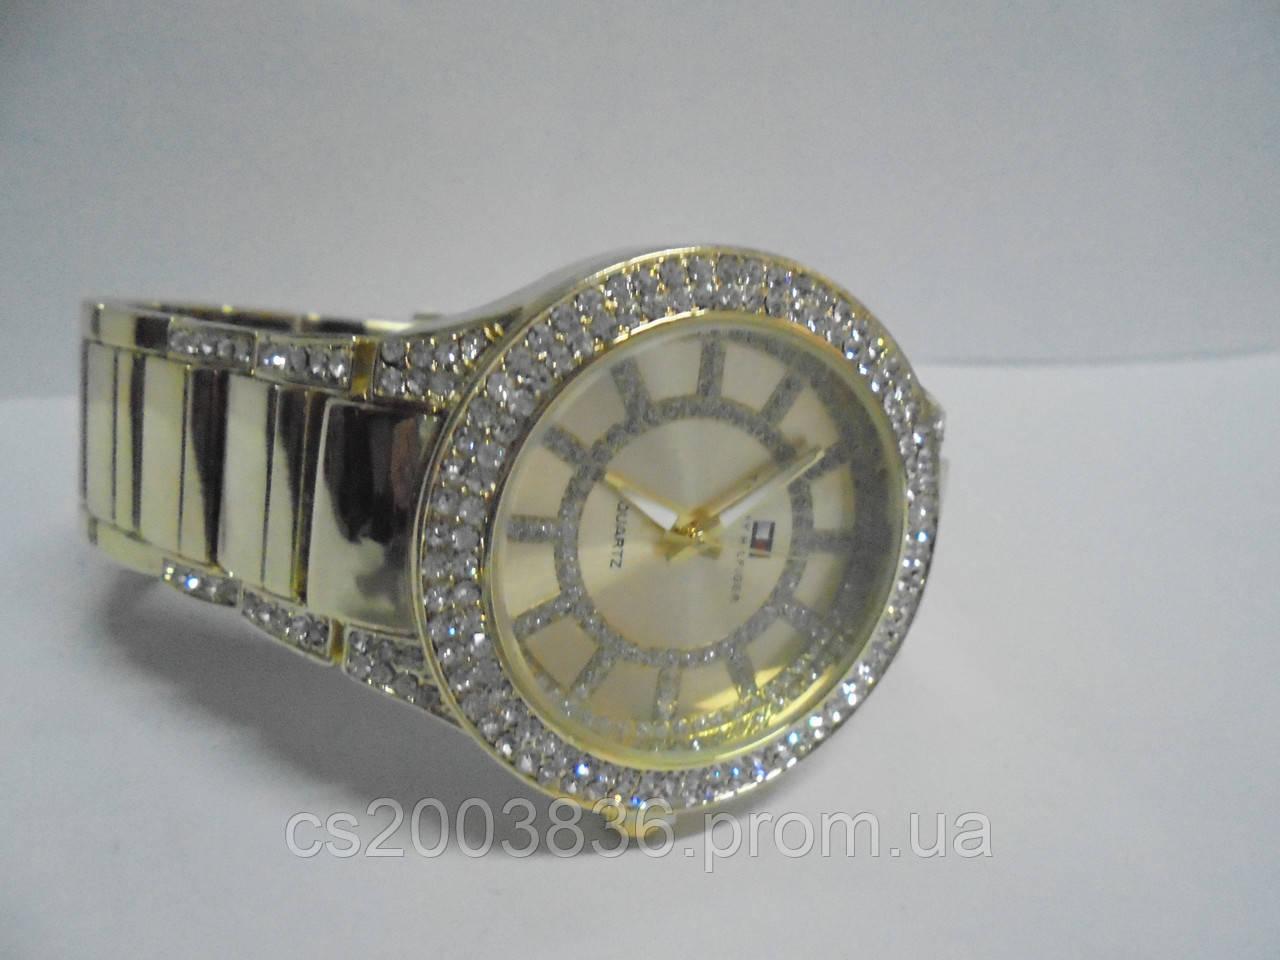 Часы наручные женские Tommy Hilfiger(золото),часы наручные Hilfiger, женские  наручные часы f567d7e1333